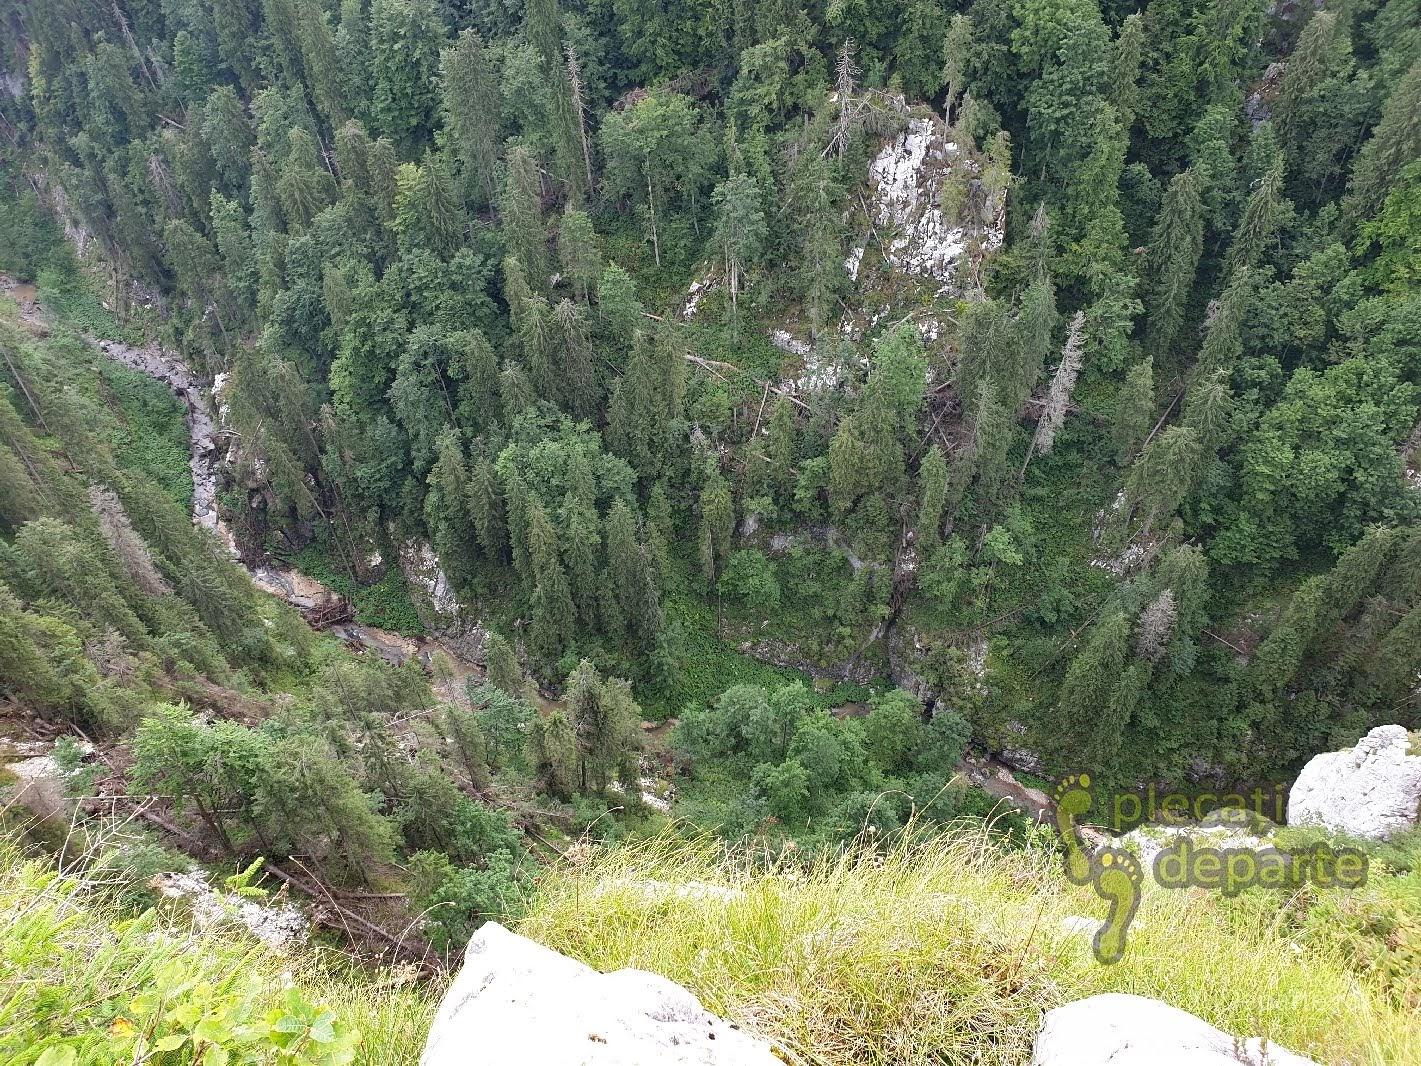 Cheile Somesului Cald vazute de pe unul dintre versanti, in Parcul Natural Apuseni. obiective turistice cluj,